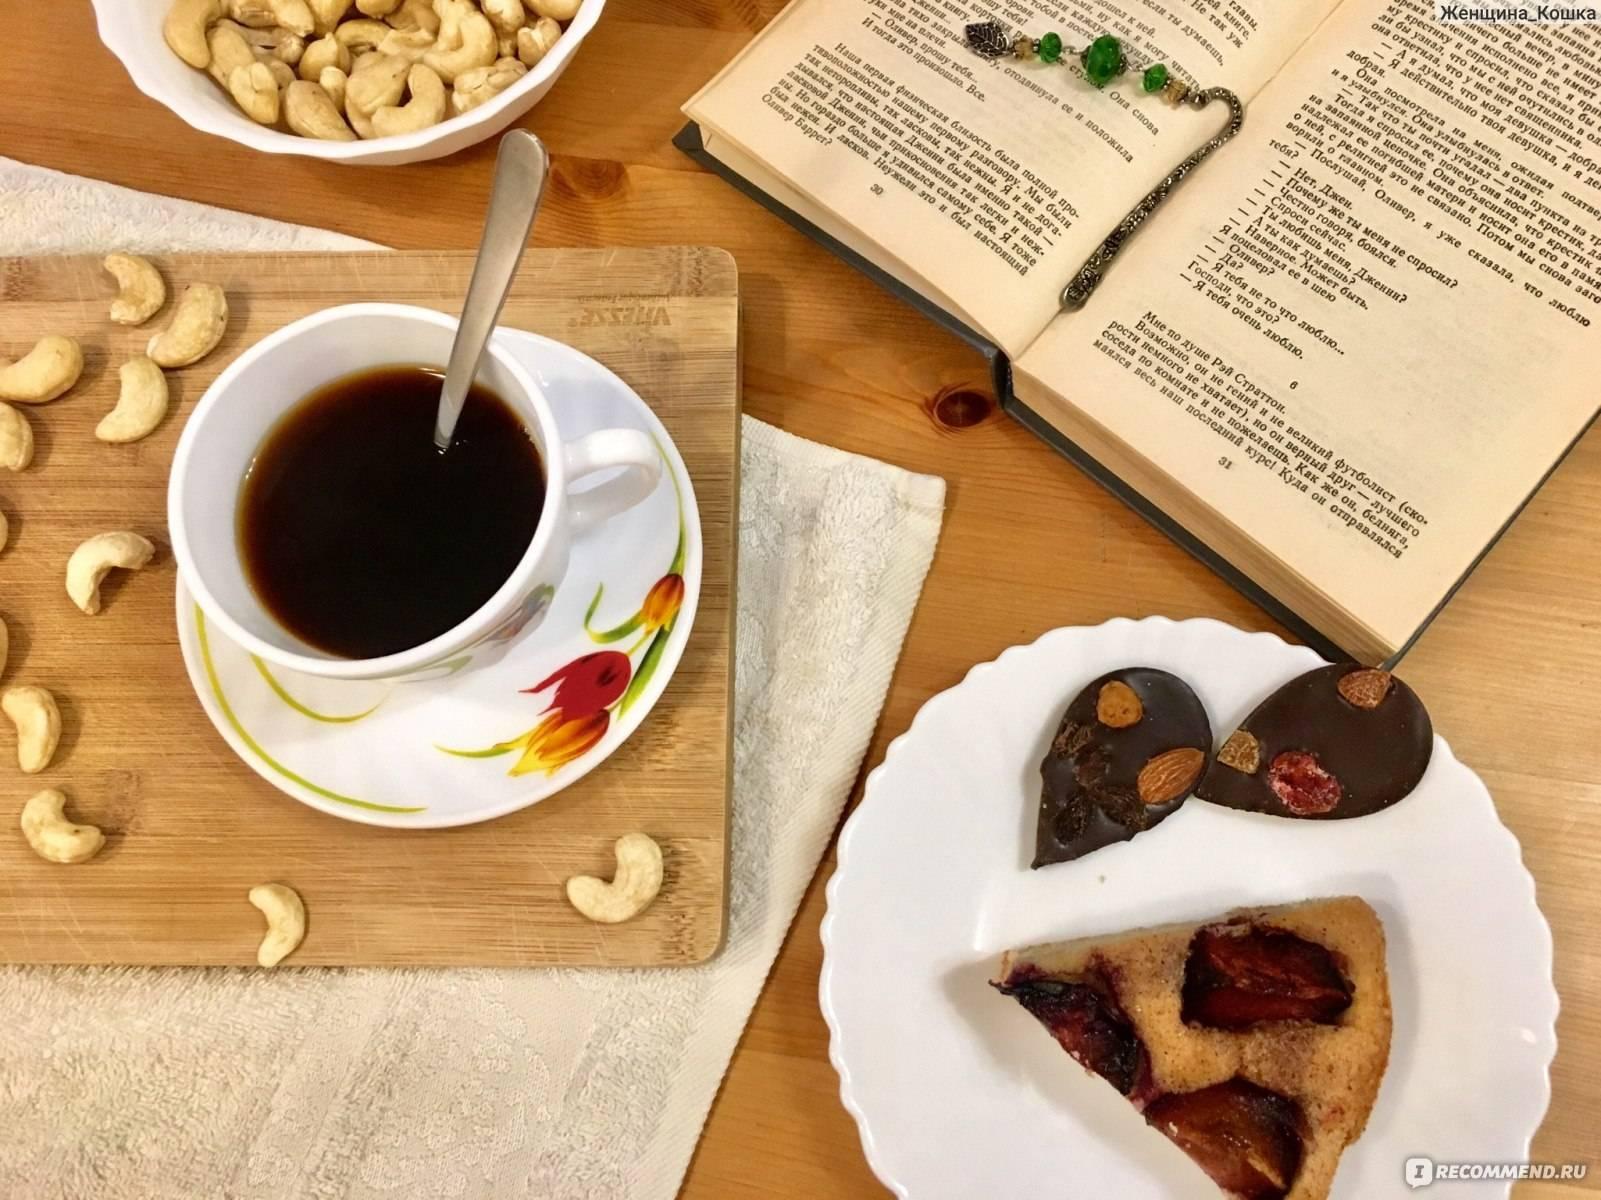 Цикорий: польза и вред, противопоказания, замена кофе